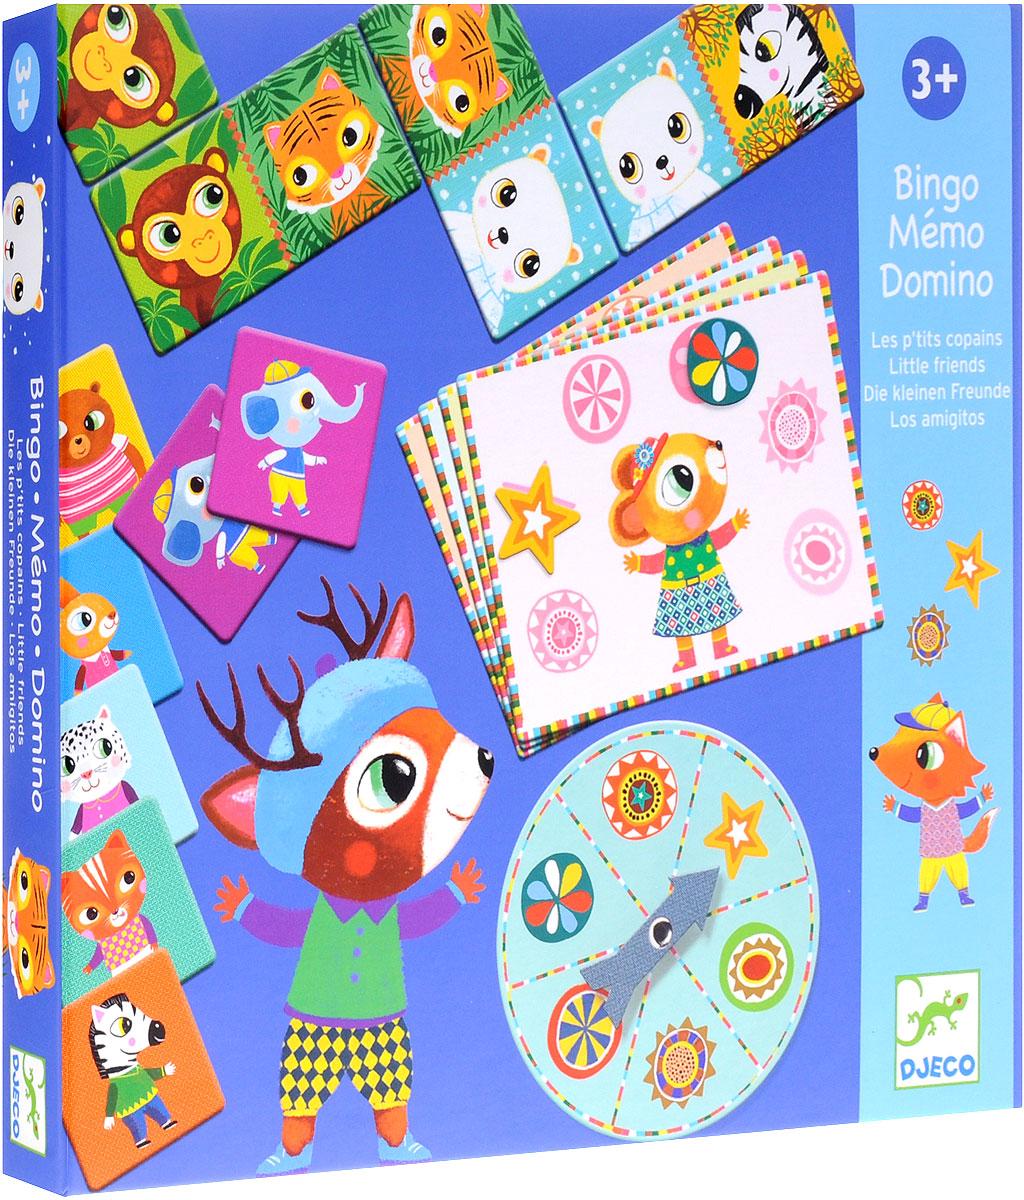 Djeco Набор обучающих игр Бинго мемо домино08131Набор обучающих игр Djeco Бинго, мемо, домино - прекрасный игровой набор из трех игр, с которыми ребенок будет развивать логику и наблюдательность. В комплект входят карточки для трех настольных игр: 28 карточек для игры в домино, 29 карточек для игры в бинго и 32 карточки для игры в мемо. В детском домино малыш должен будет подобрать карточку с соответствующим изображением животного. В игре бинго необходимо заполнить фишками карточку. Игра мемо - превосходная игра на логику и память. Набор настольных игр прекрасно подойдет в качестве развлечения для любого детского праздника. Игры развивают логическое мышление, сообразительность и внимательность ребенка, учит его усидчивости и терпению.